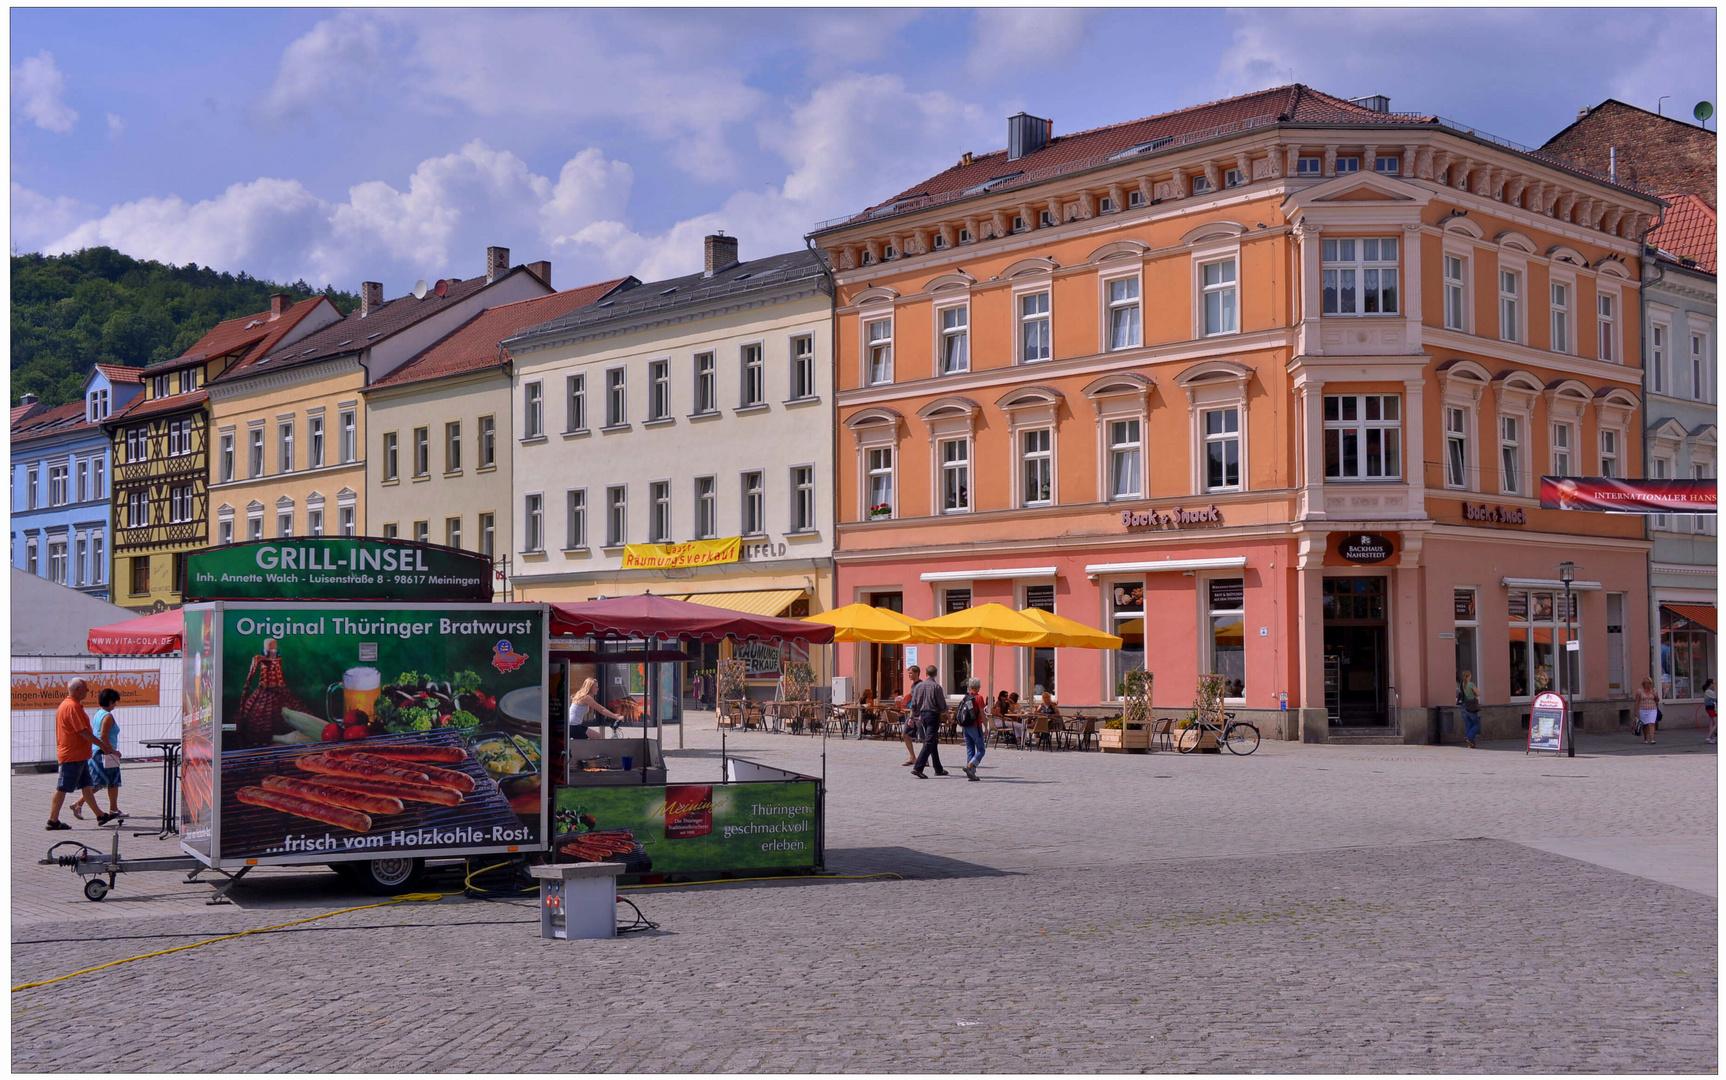 imagen de mi nueva cámara XII - Meiningen, la plaza mayor, aquí se vende salchichas fritas